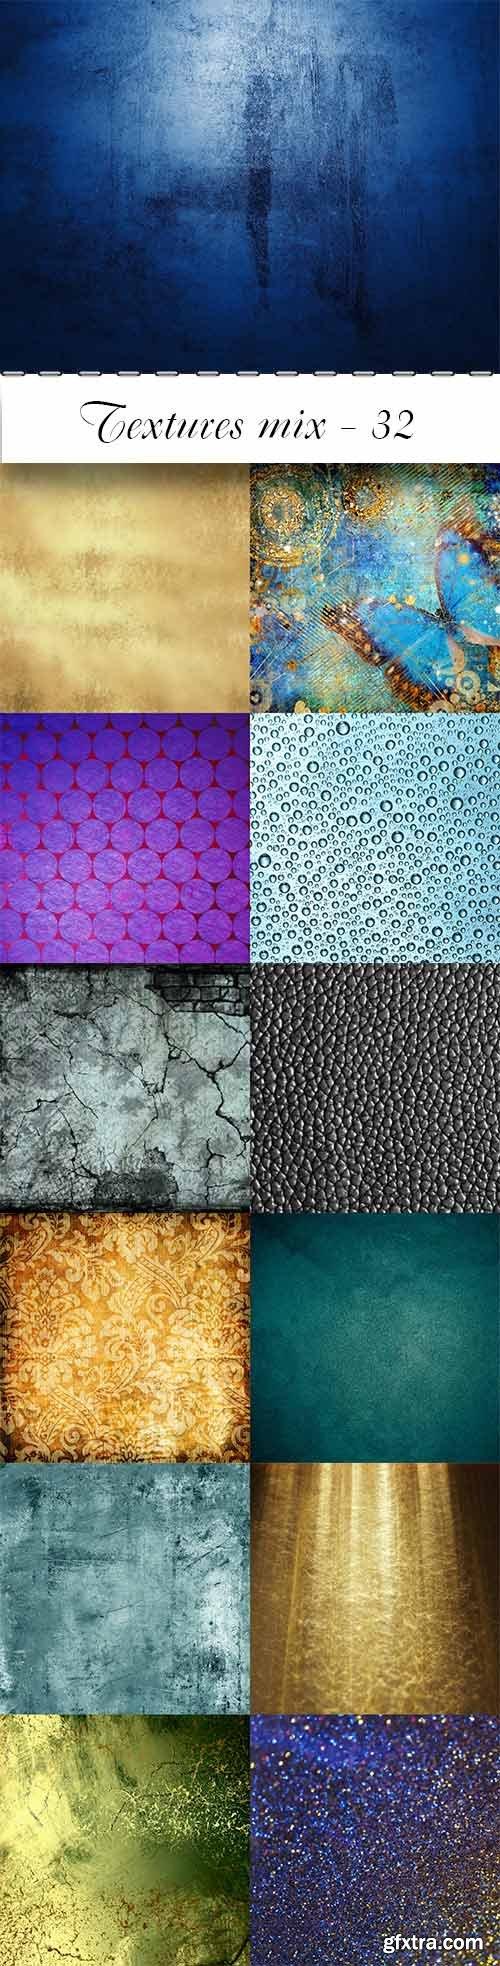 Textures mix - 32